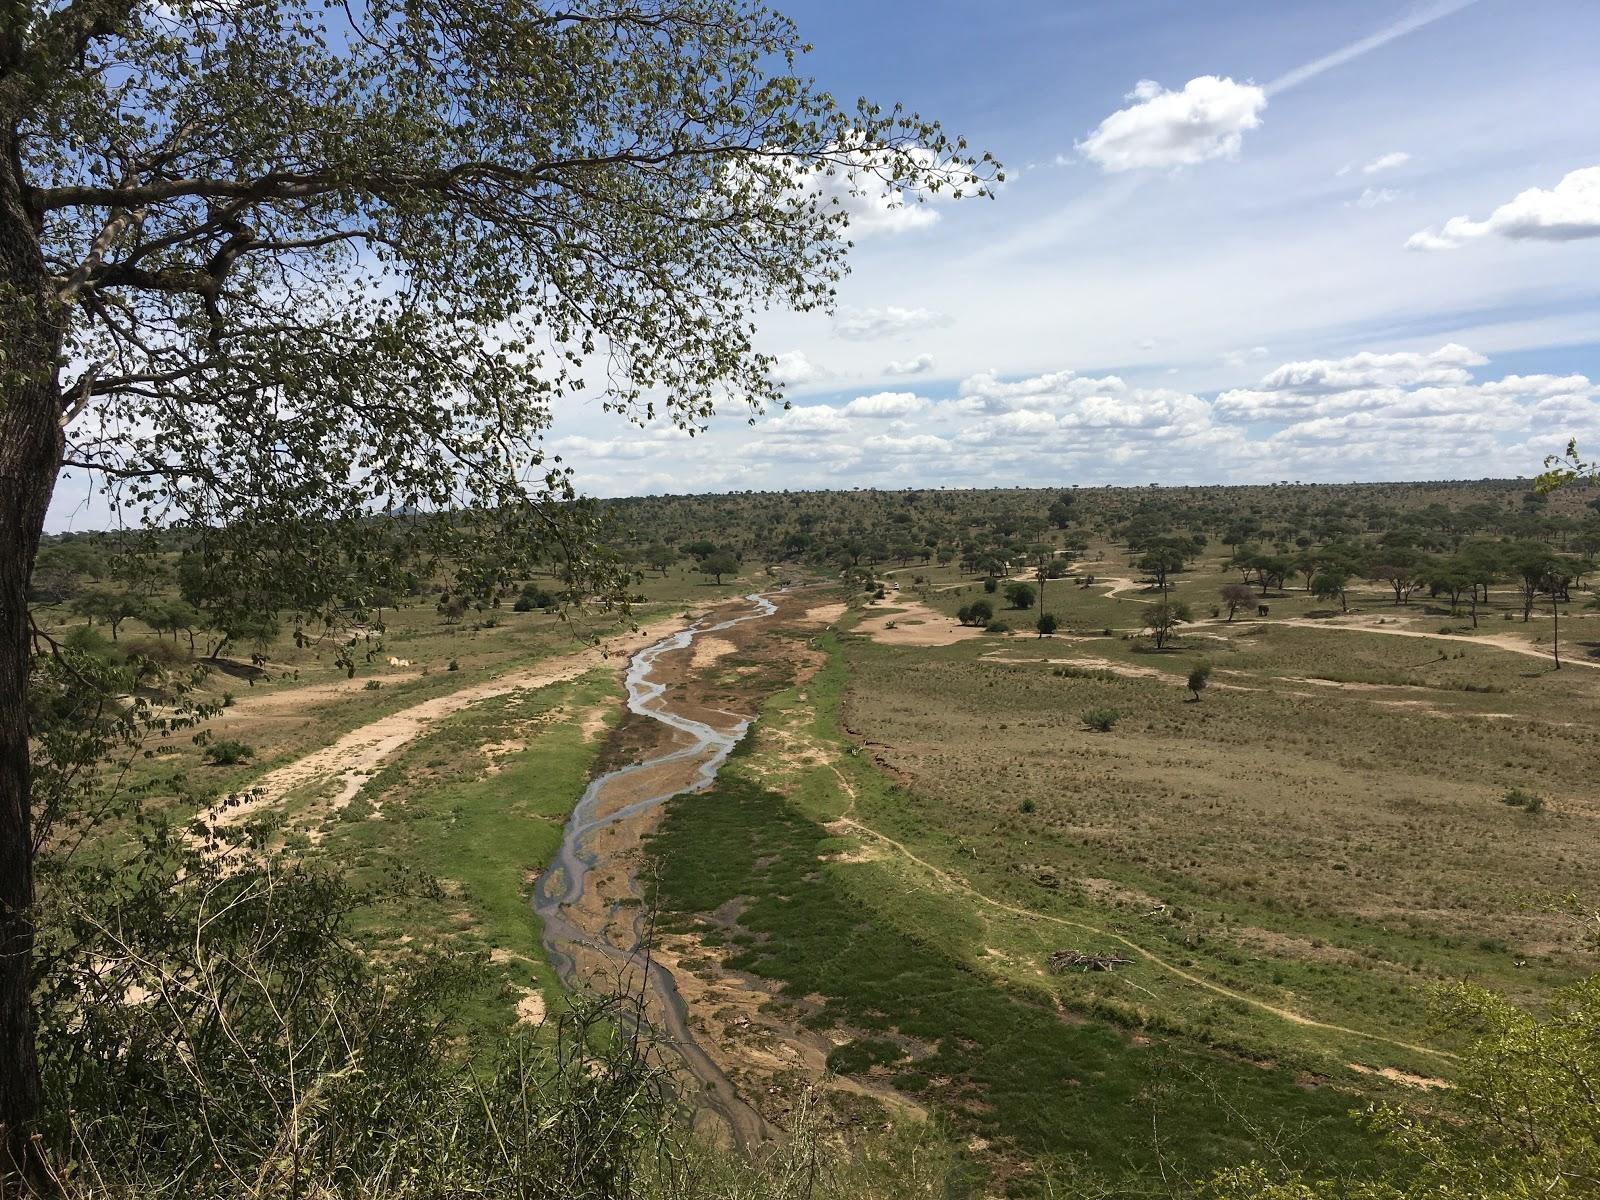 Výhľad na takmer vyschnutú rieku, národný park Tarangire